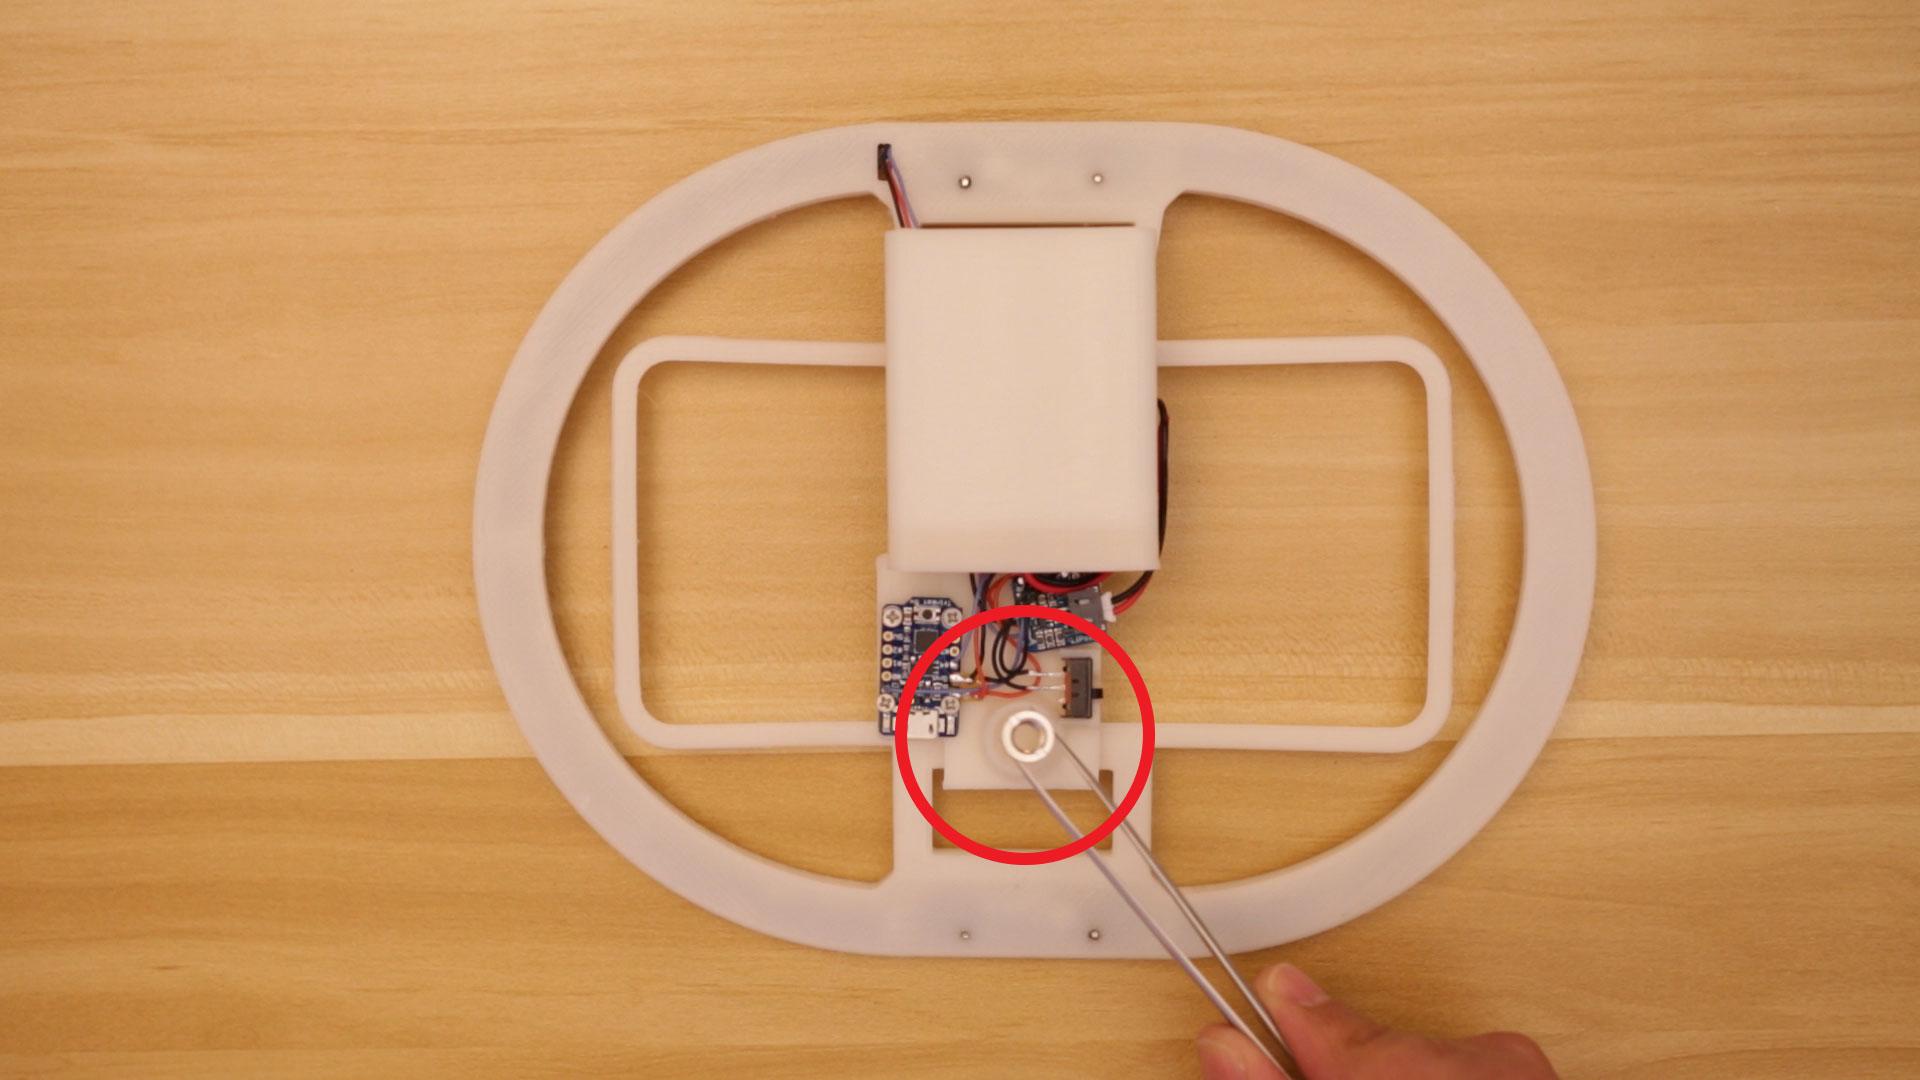 3d_printing_install-tripod-insert.jpg